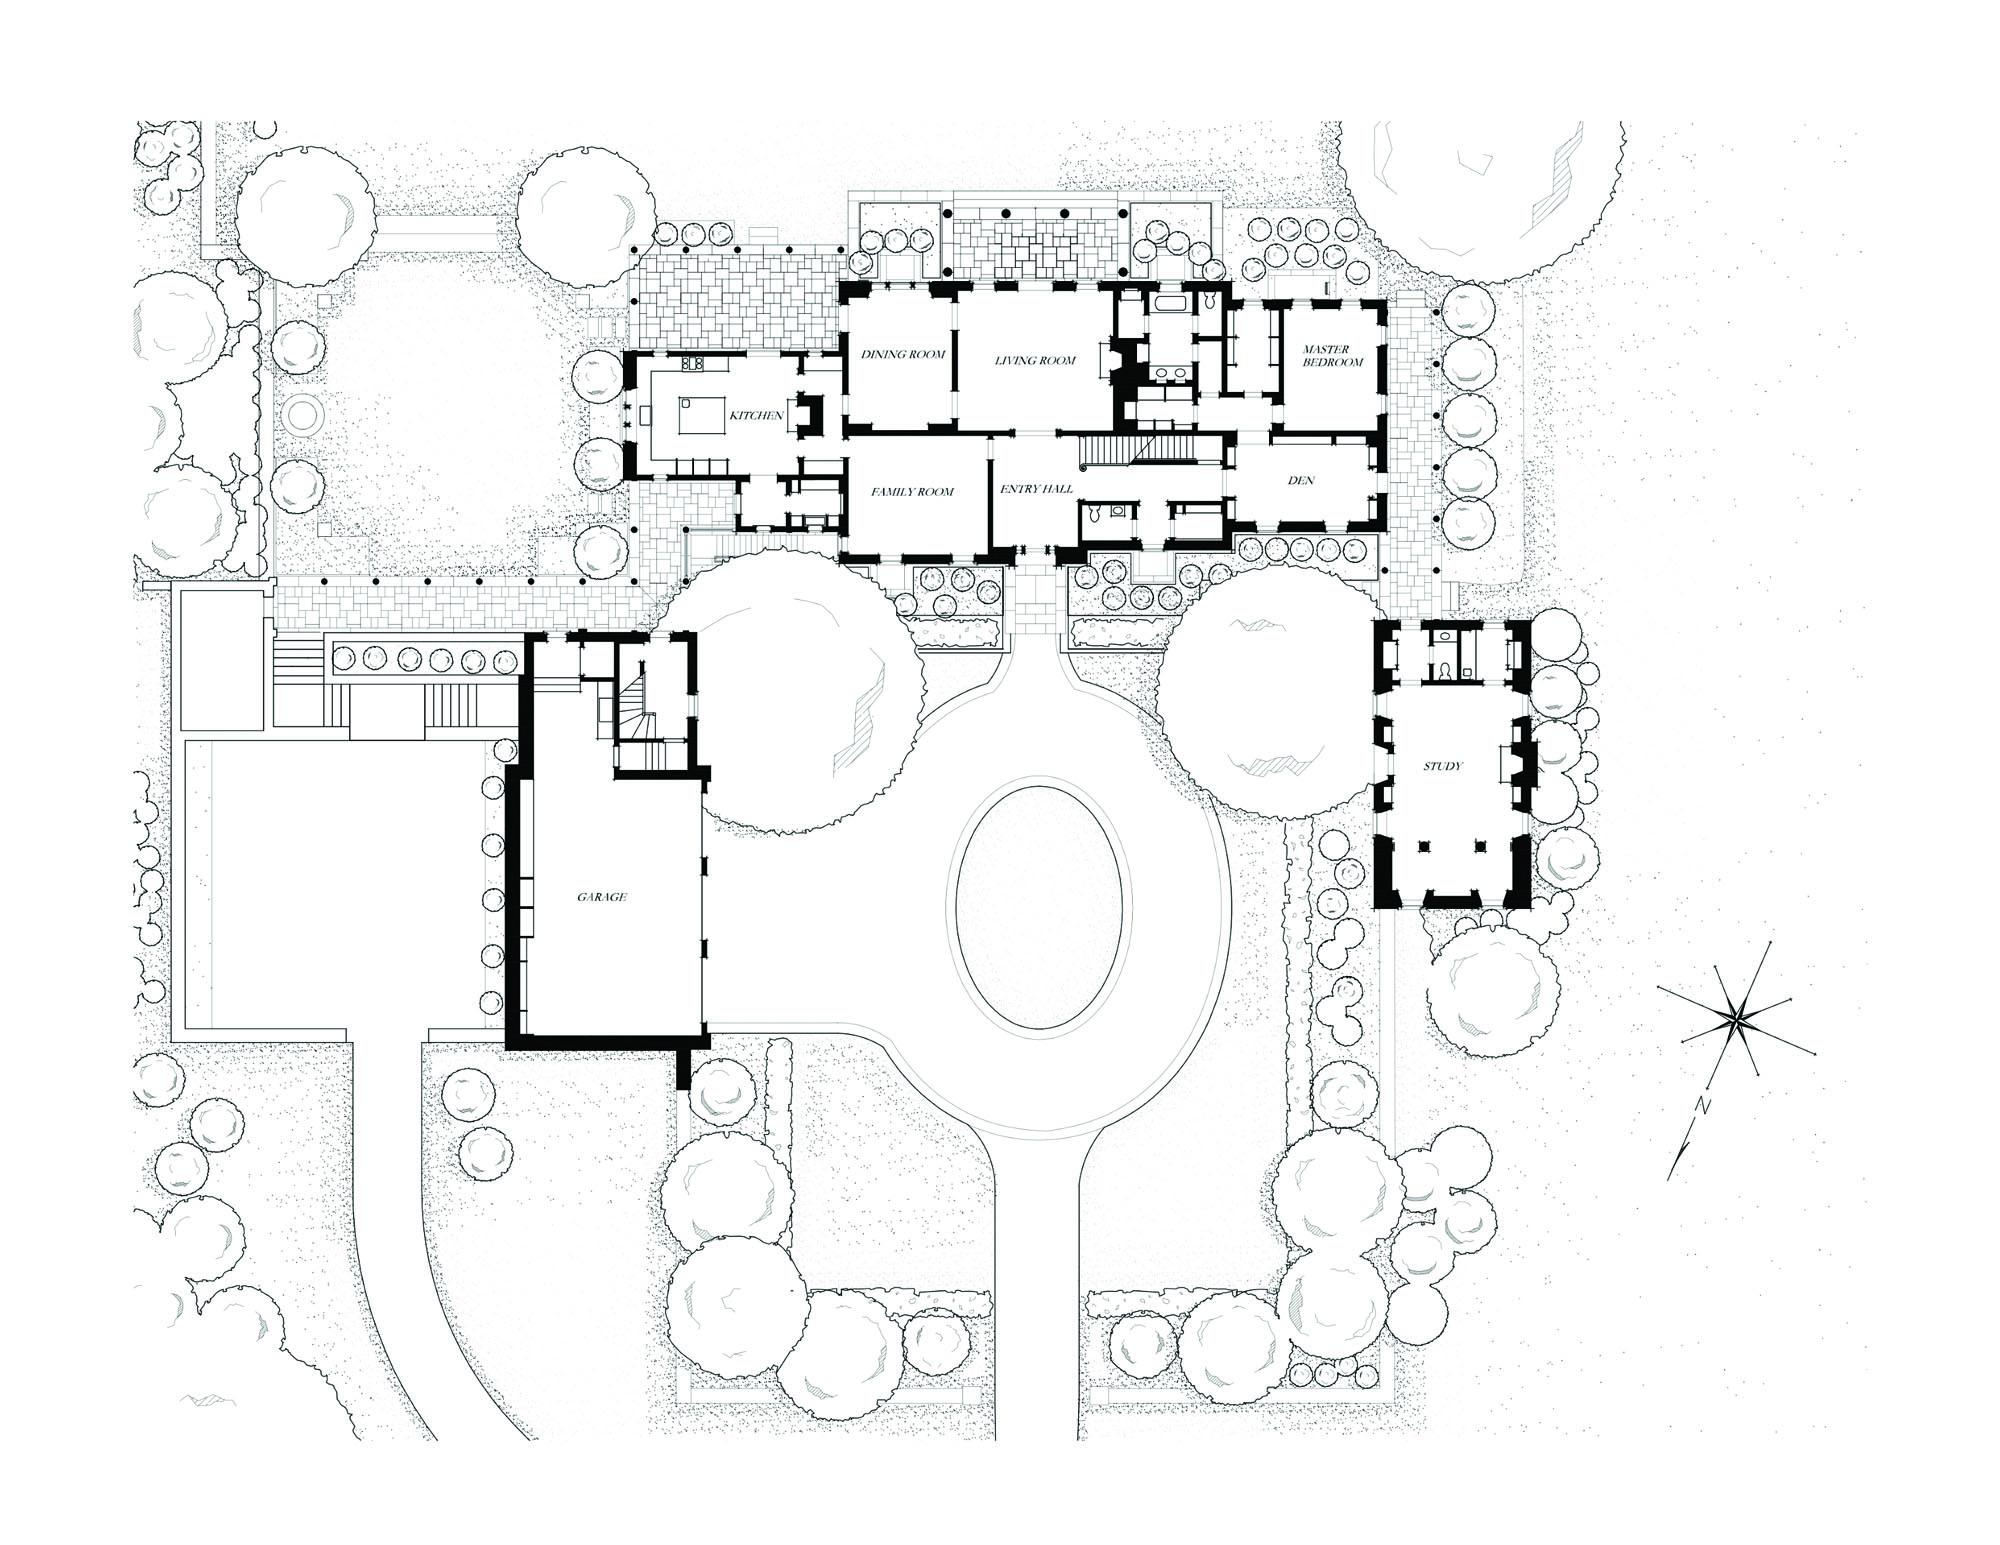 16 first floor plan_gn